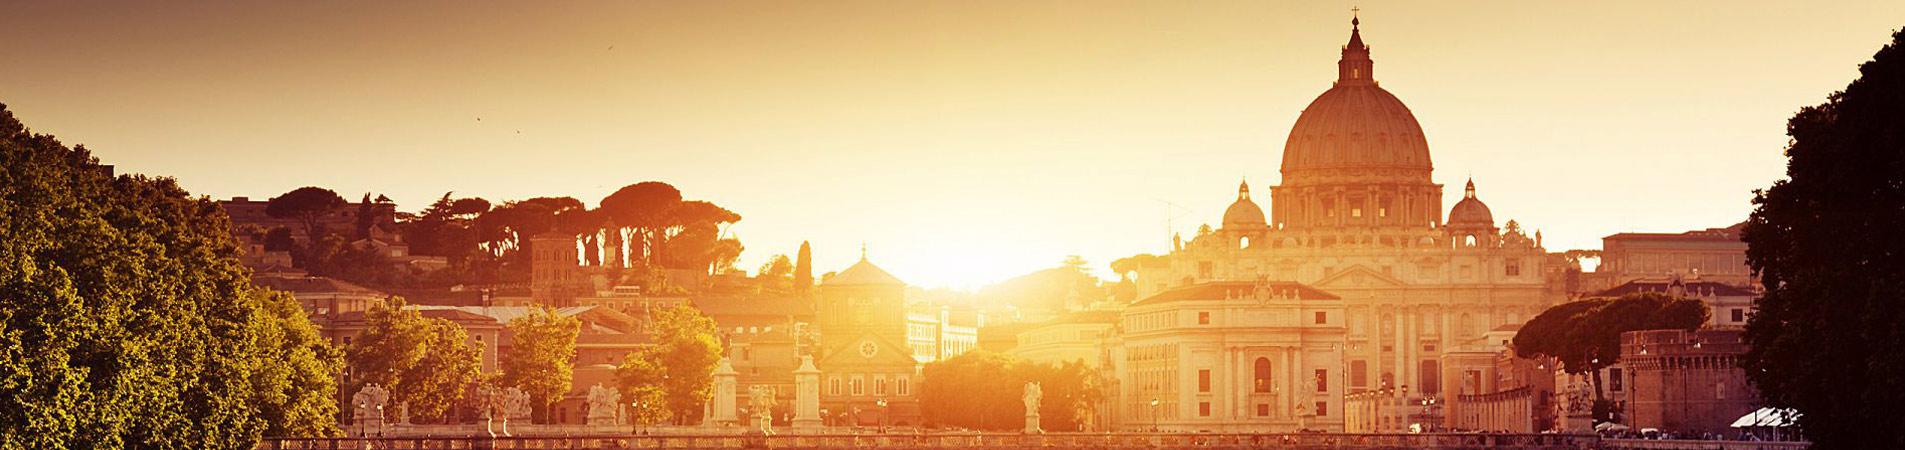 دیدنی های رم ، میراث رویایی میکل آنژ و داوینچی